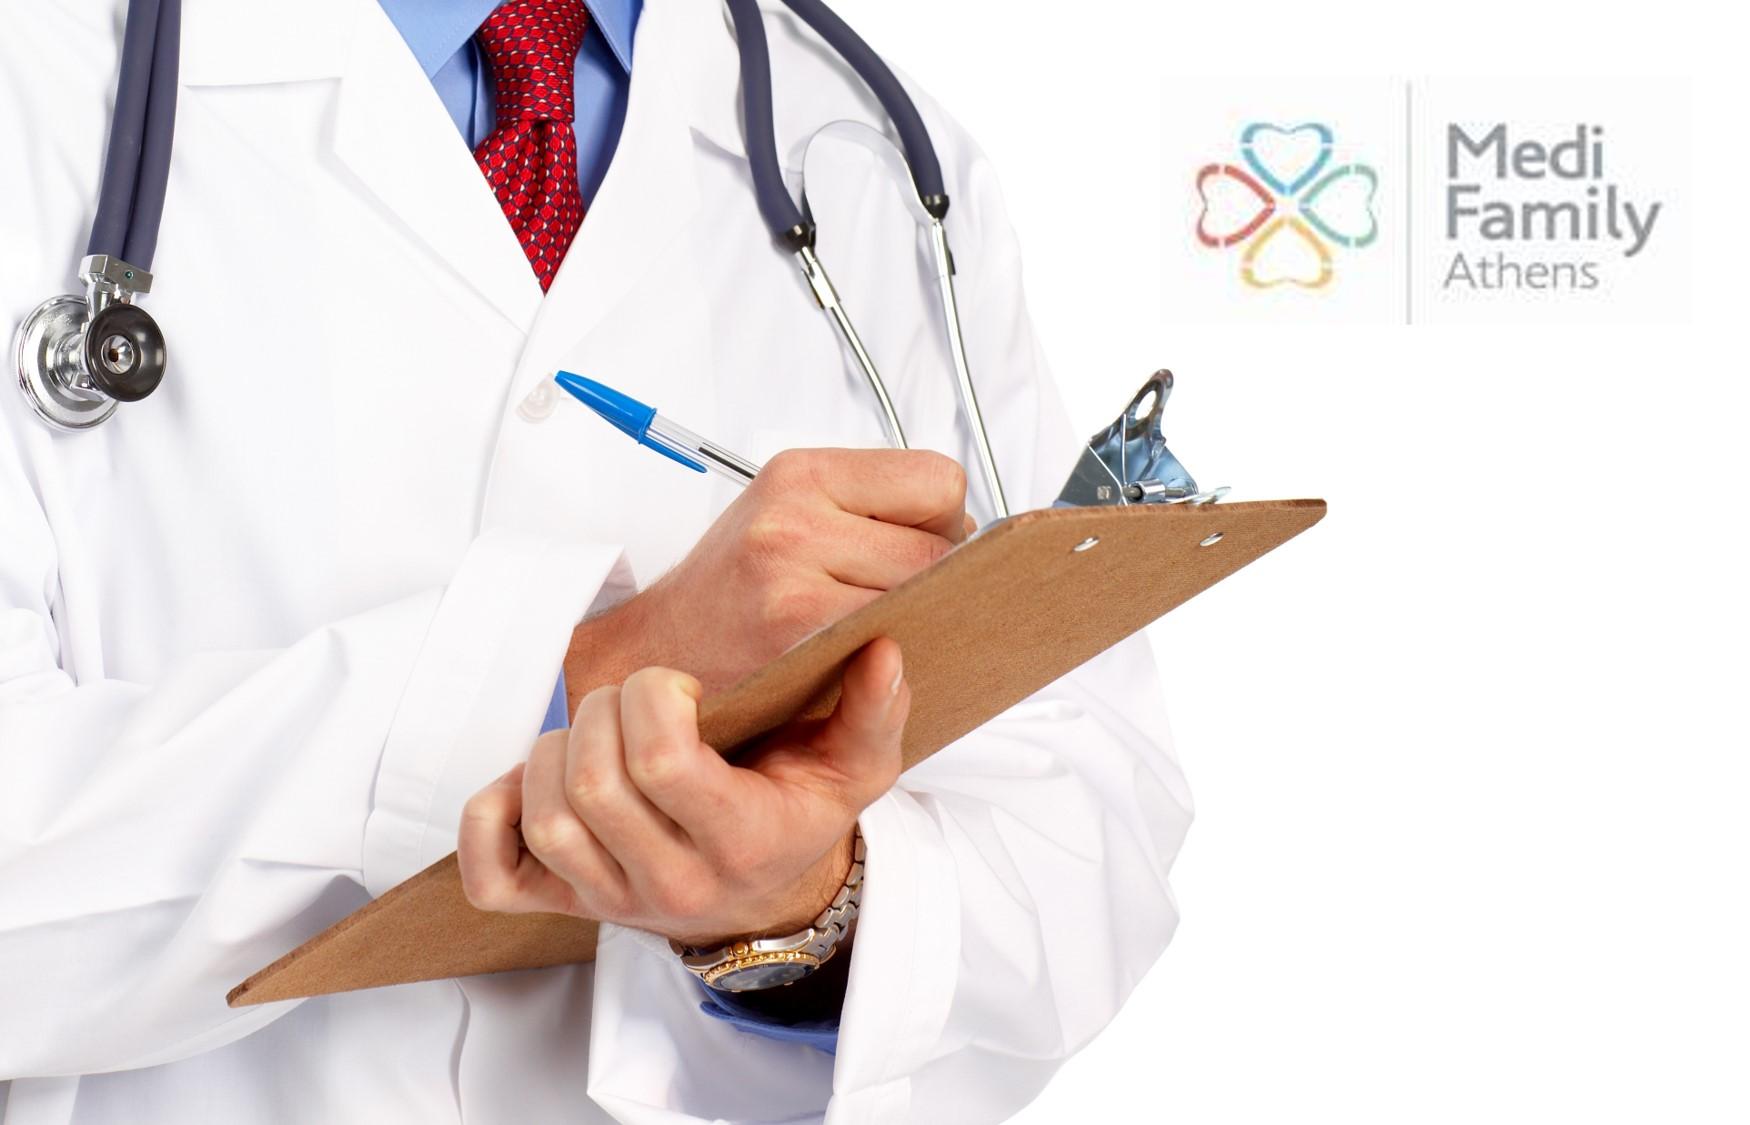 15€ από 204€ για Yπερπλήρη Αιματολογικό & Βιοχημικό (Γενική Αίματος, Ούρων, Σάκχαρο, Χοληστερίνη, Ουρία, κα), στο Medi Family Athens